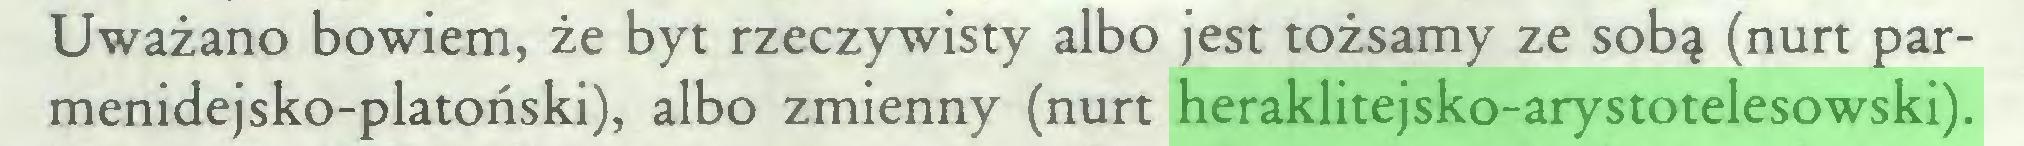 (...) Uważano bowiem, że byt rzeczywisty albo jest tożsamy ze sobą (nurt parmenidejsko-platoński), albo zmienny (nurt heraklitejsko-arystotelesowski)...